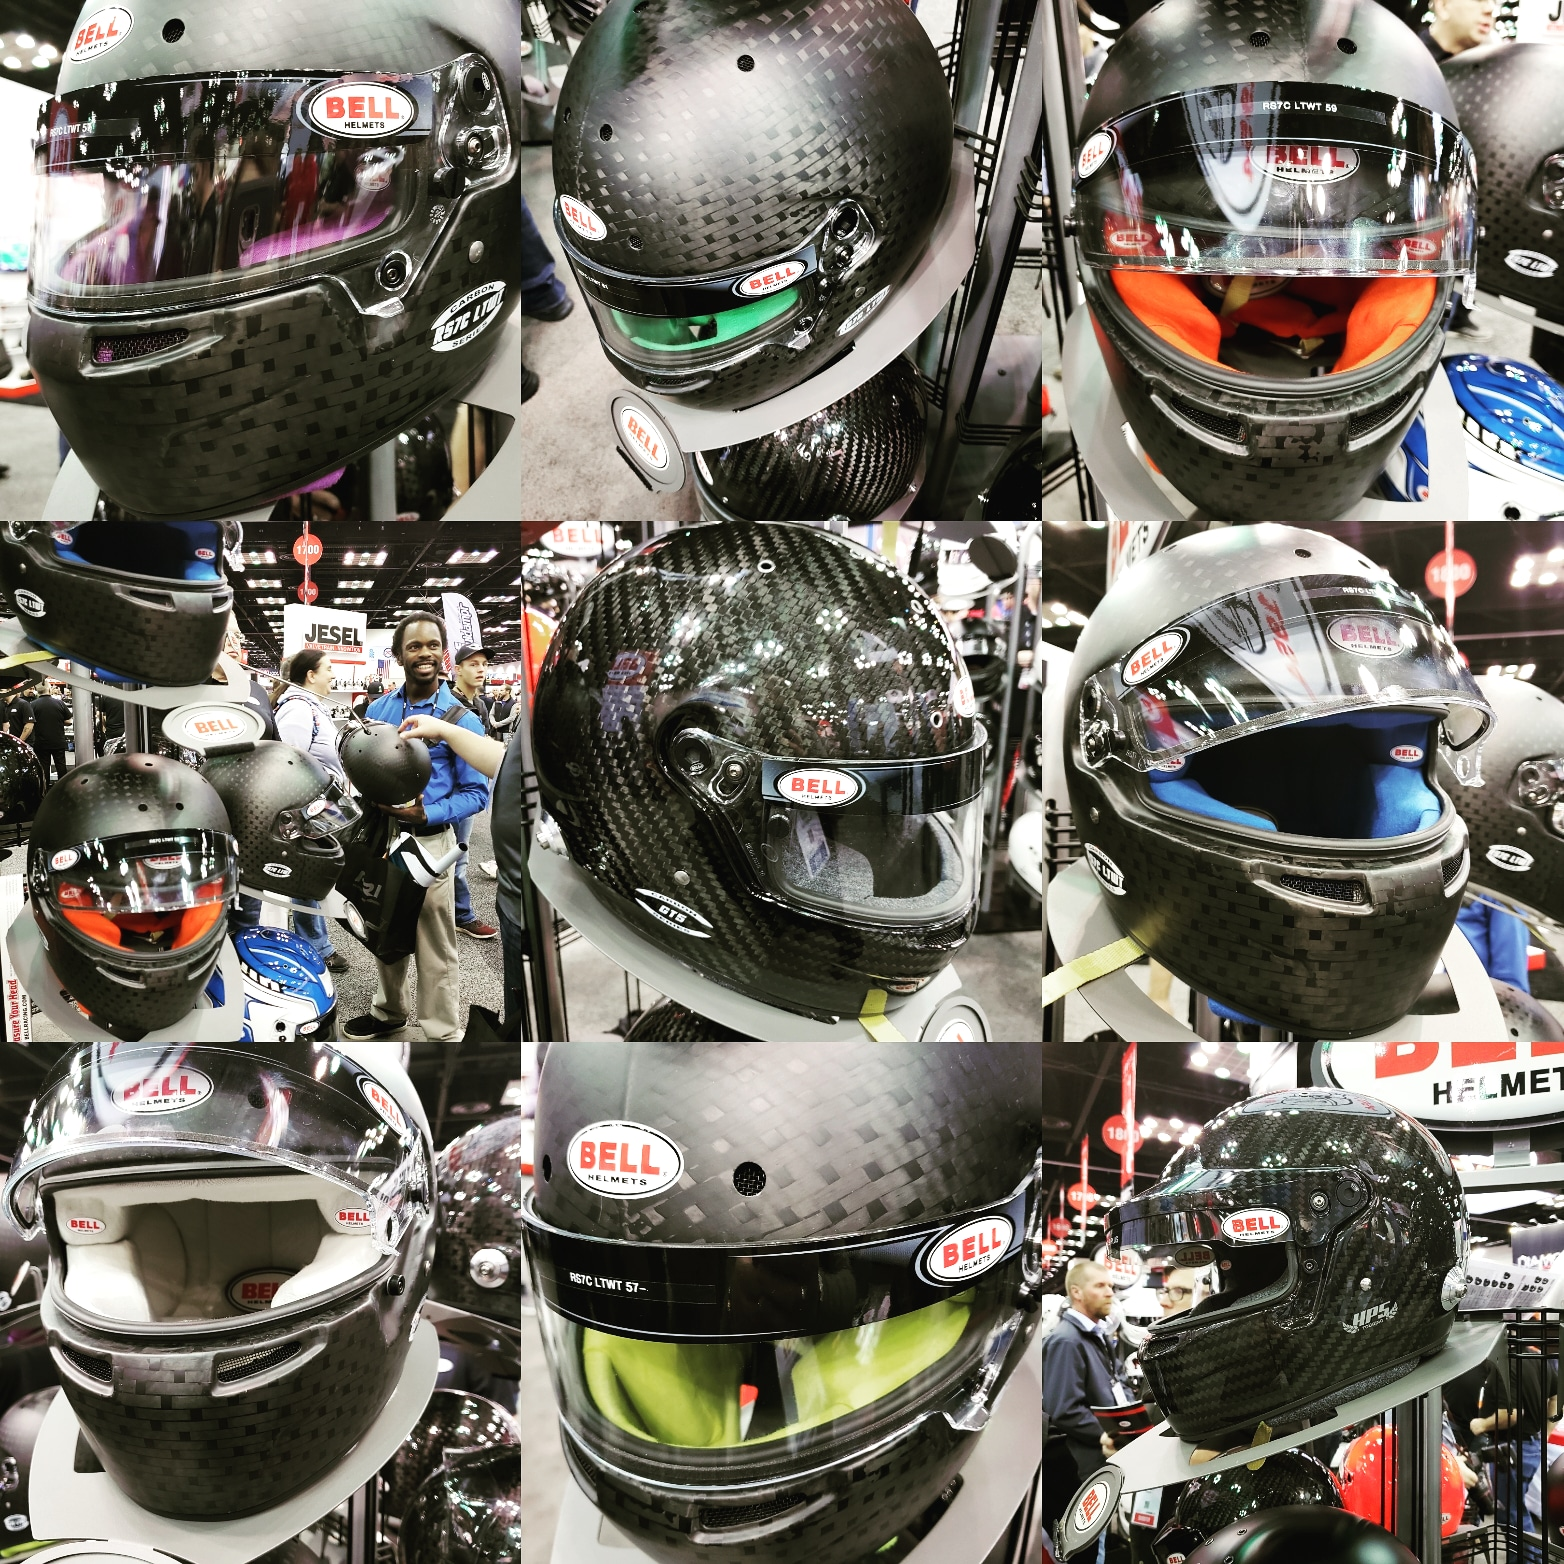 helmet collection 2.jpg